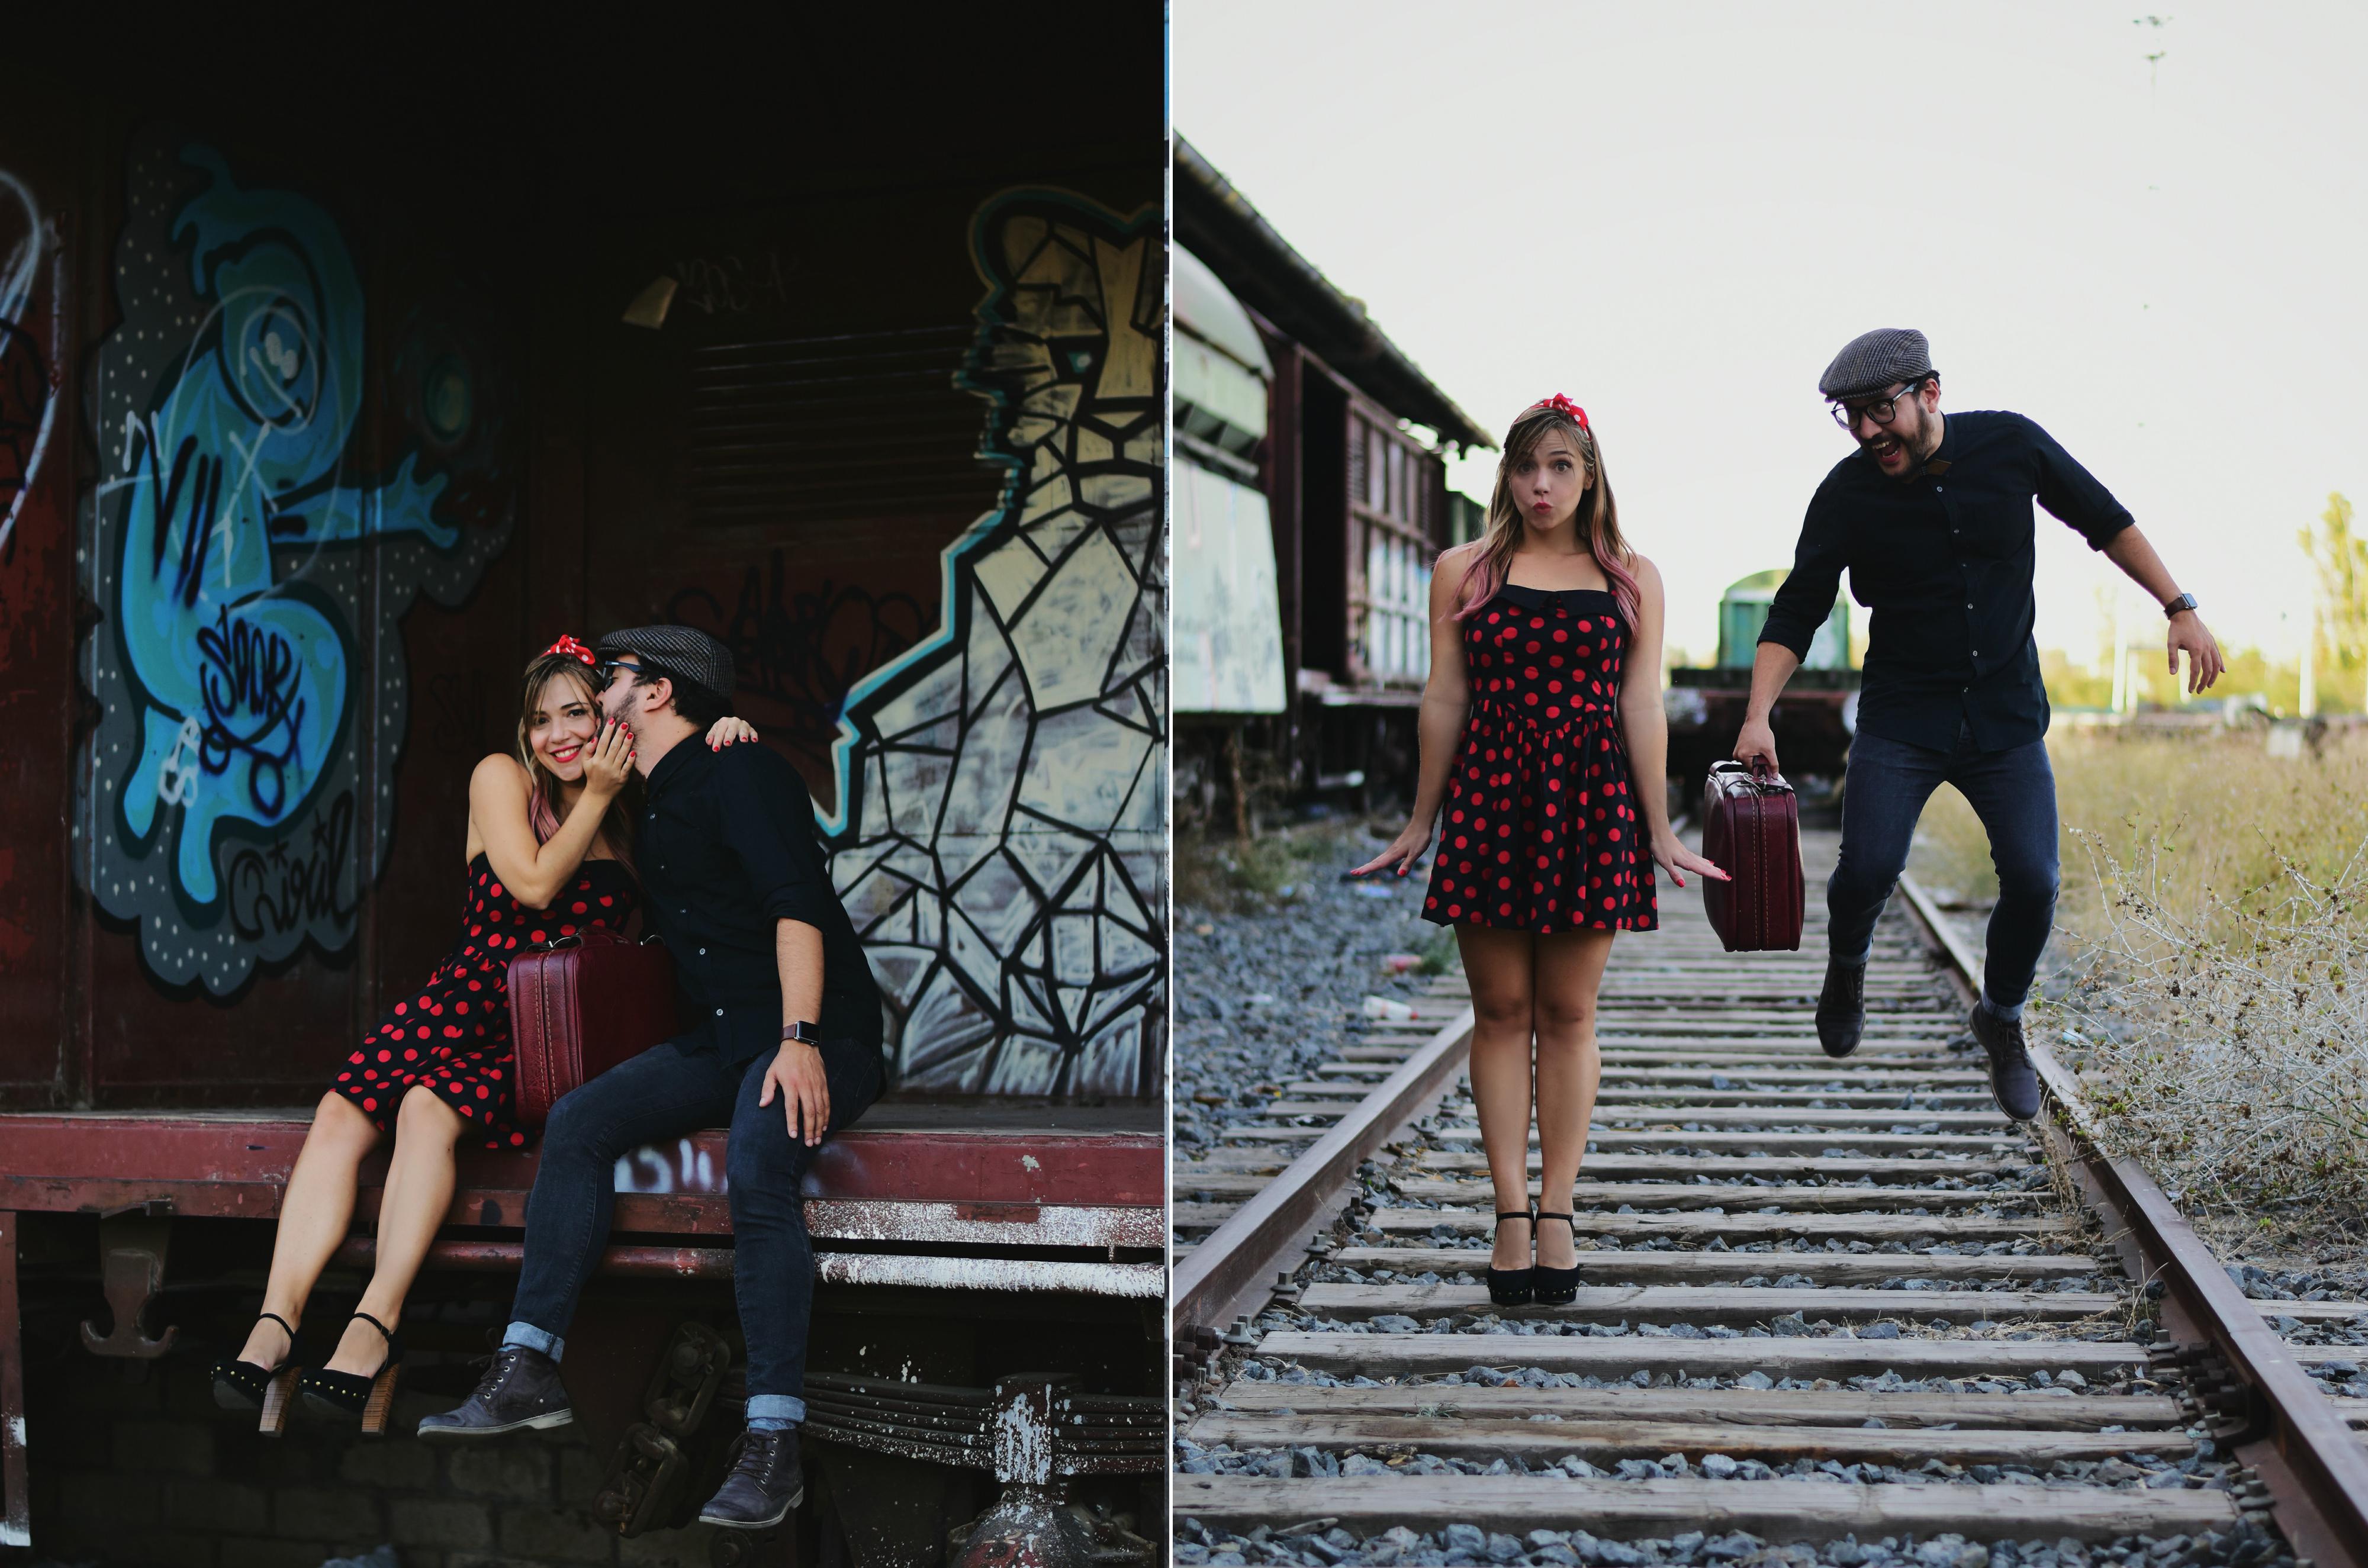 Sesio-de-fotos-pre-boda-ChicAdicta-fabbianifoto-Chic-Adicta-influencer-Madrid-blog-de-moda-look-retro-lunares-PiensaenChic-Piensa-en-Chic